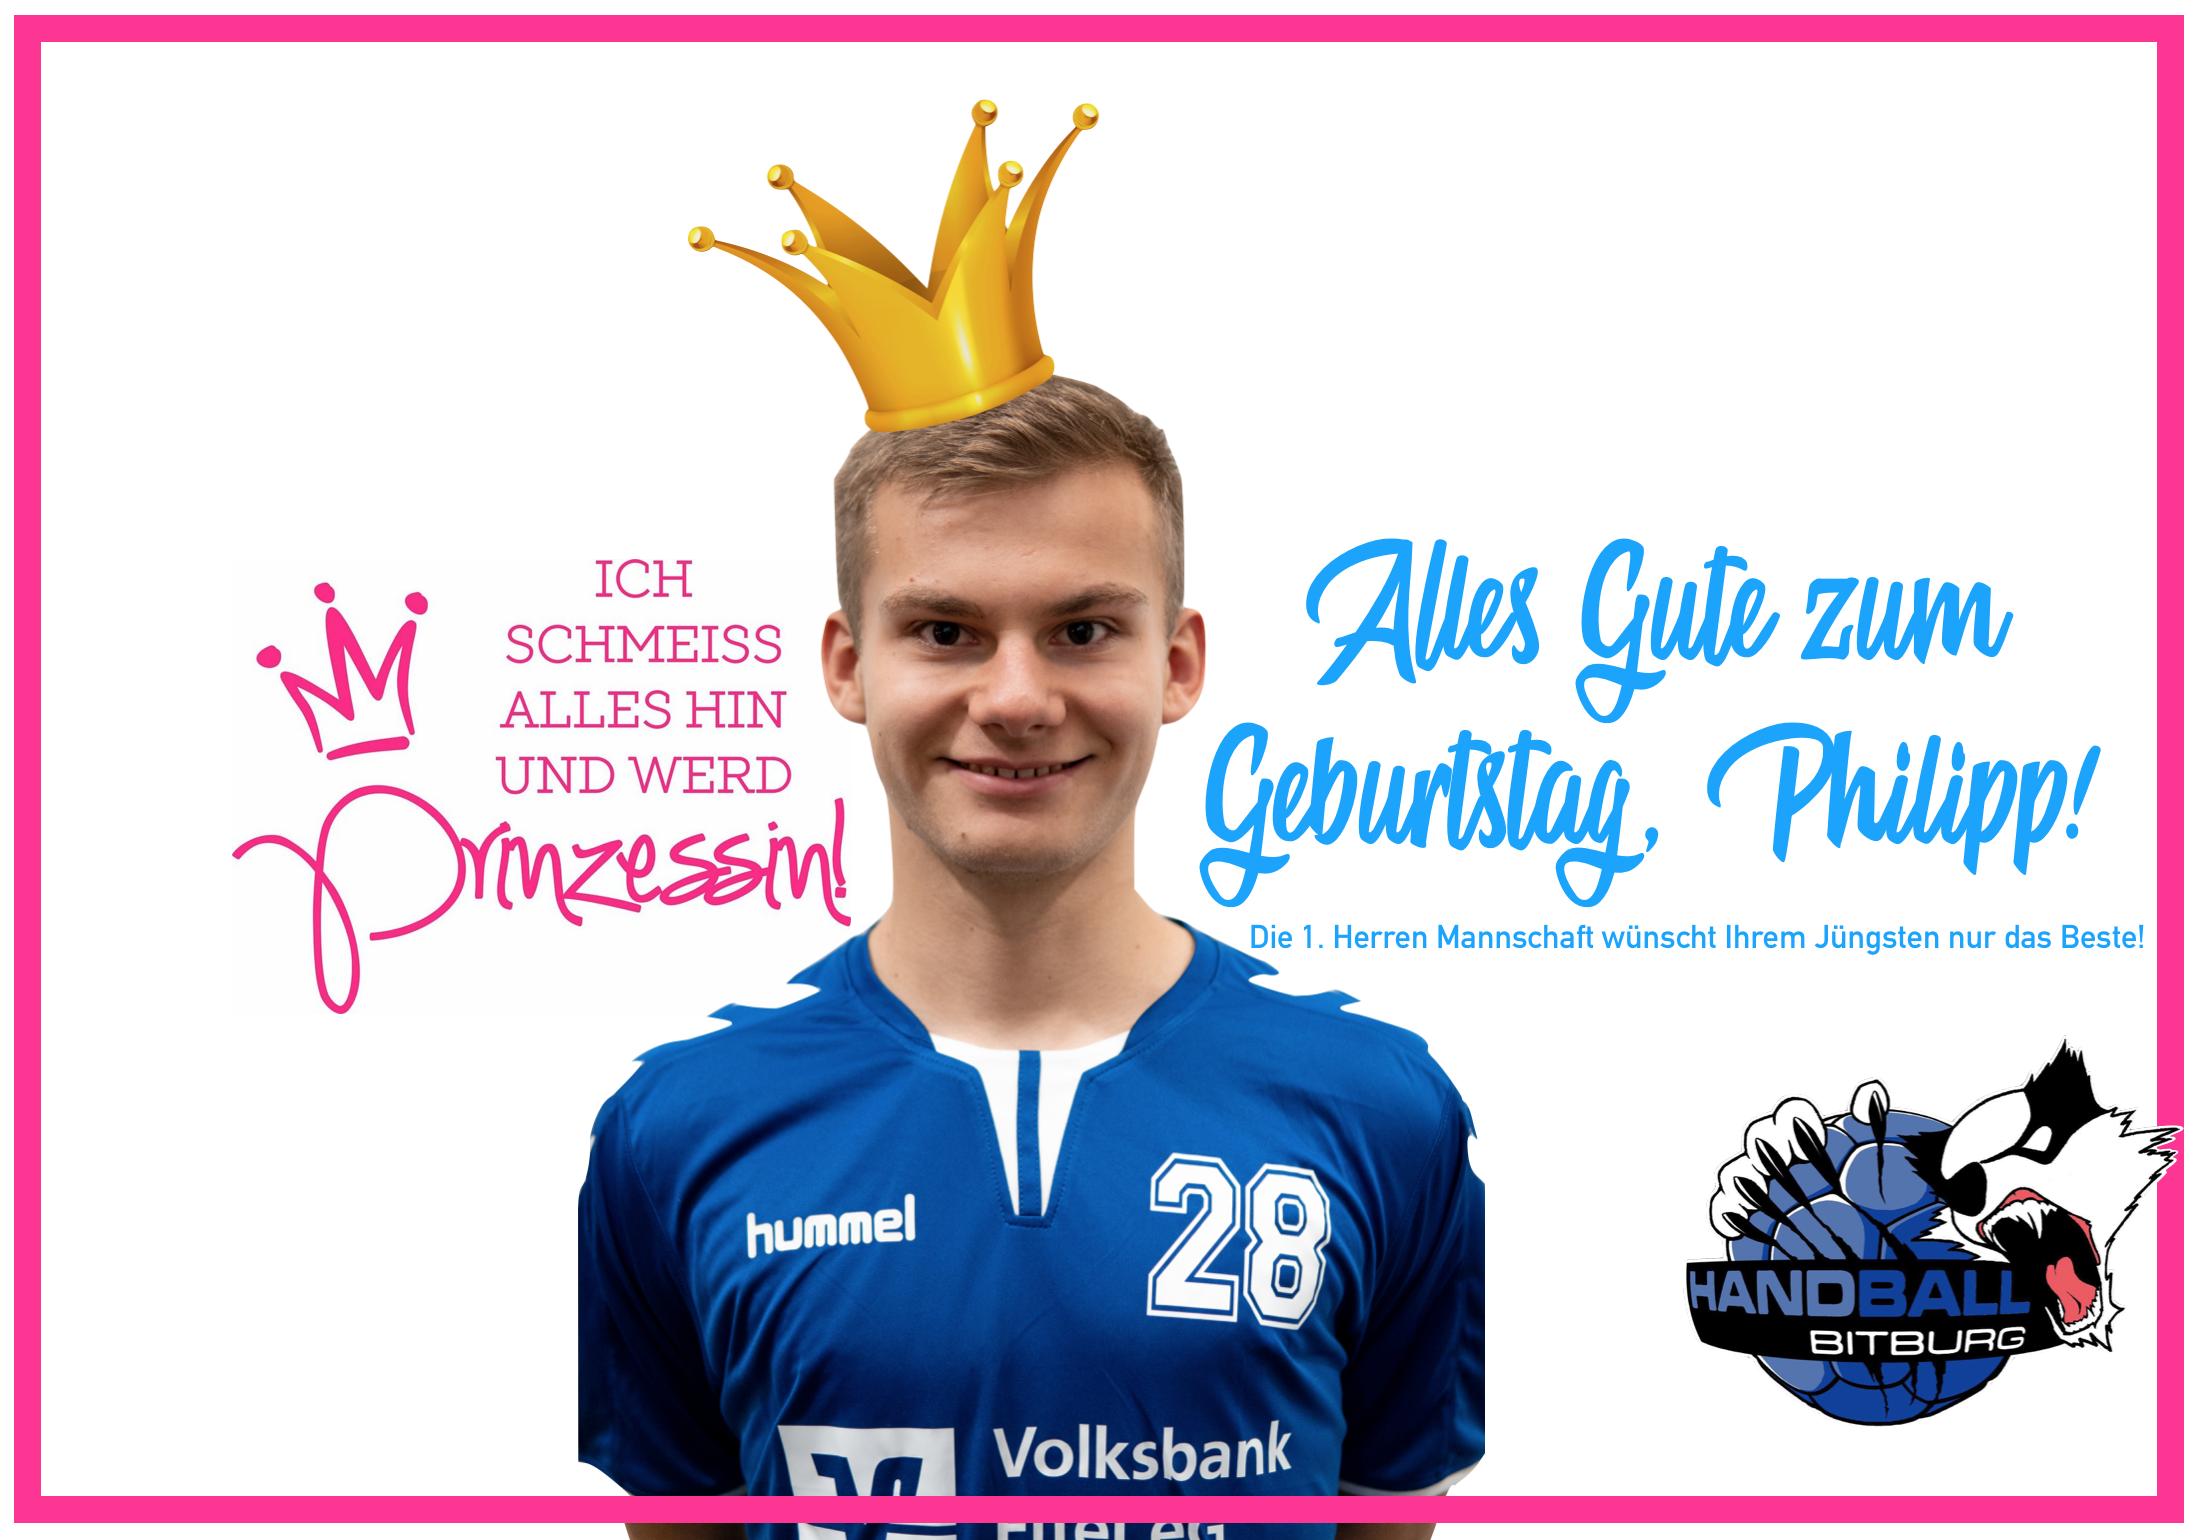 Happy Birthday Philipp!